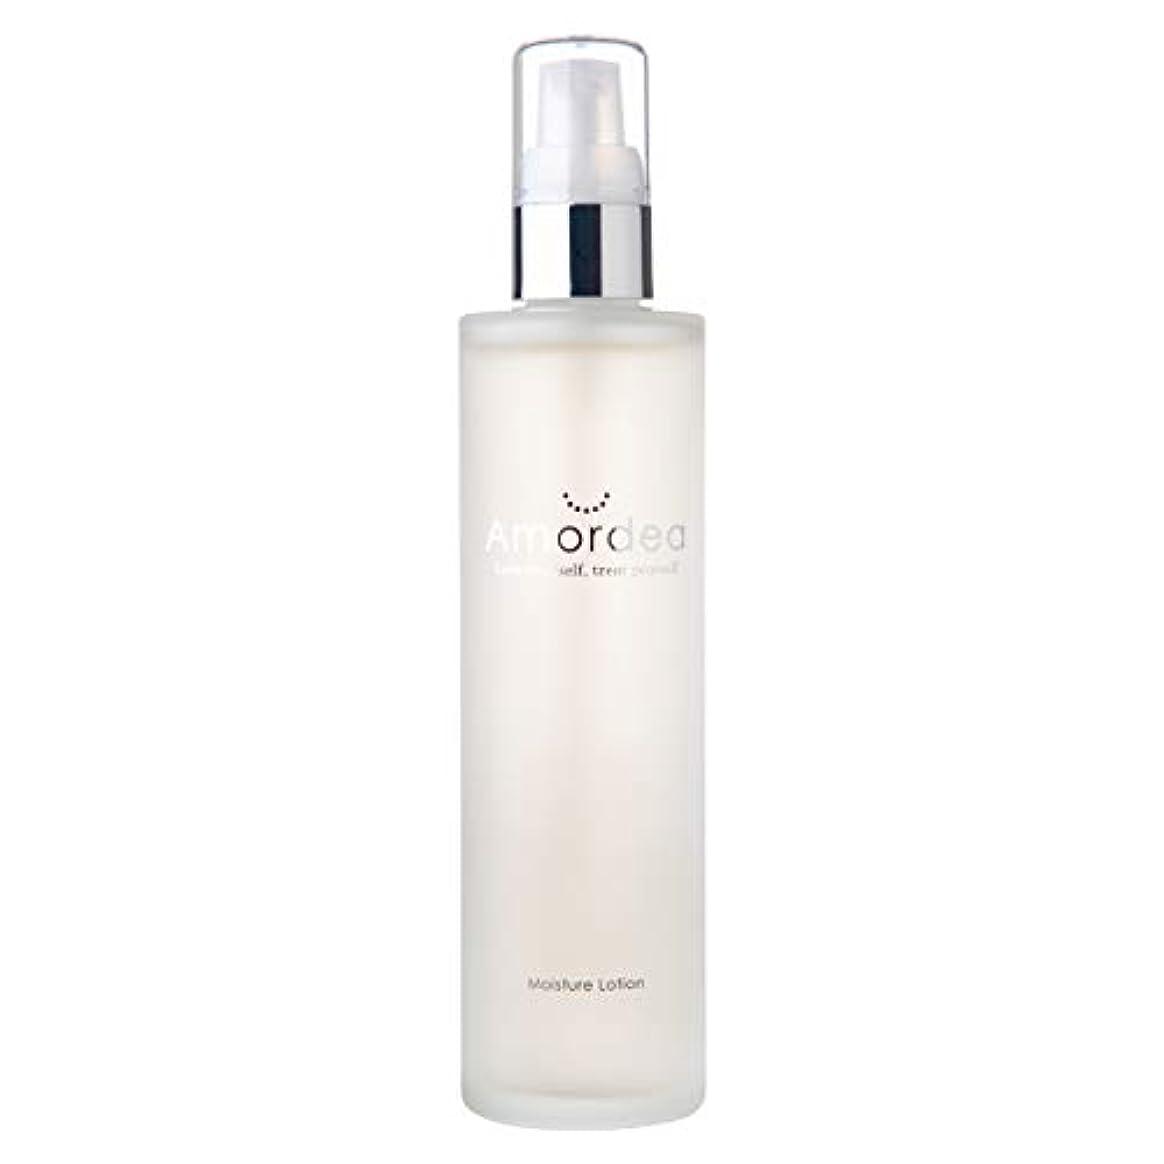 シェード獲物引き受けるモイスチュアローション 120mL 化粧水 導入美容液